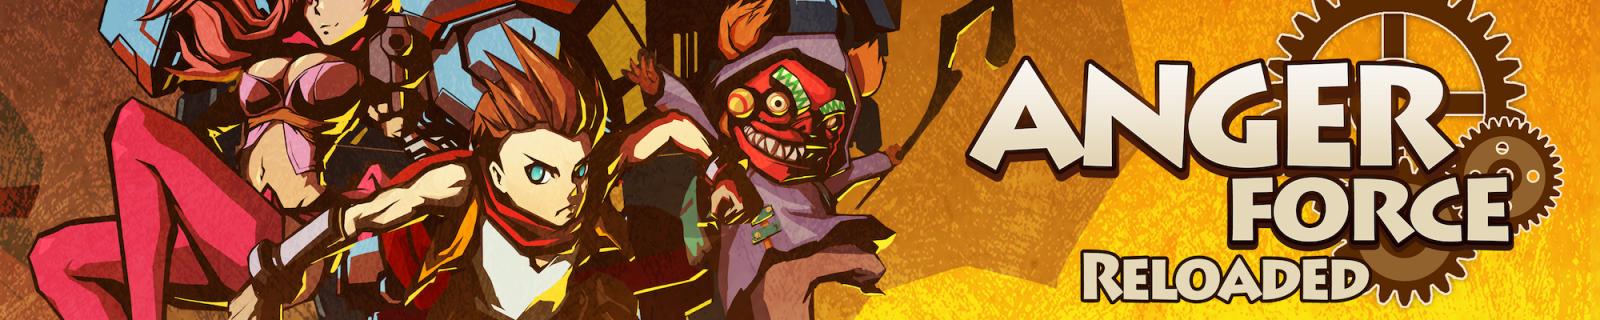 《愤怒军团:重装》现已登陆Wegame平台